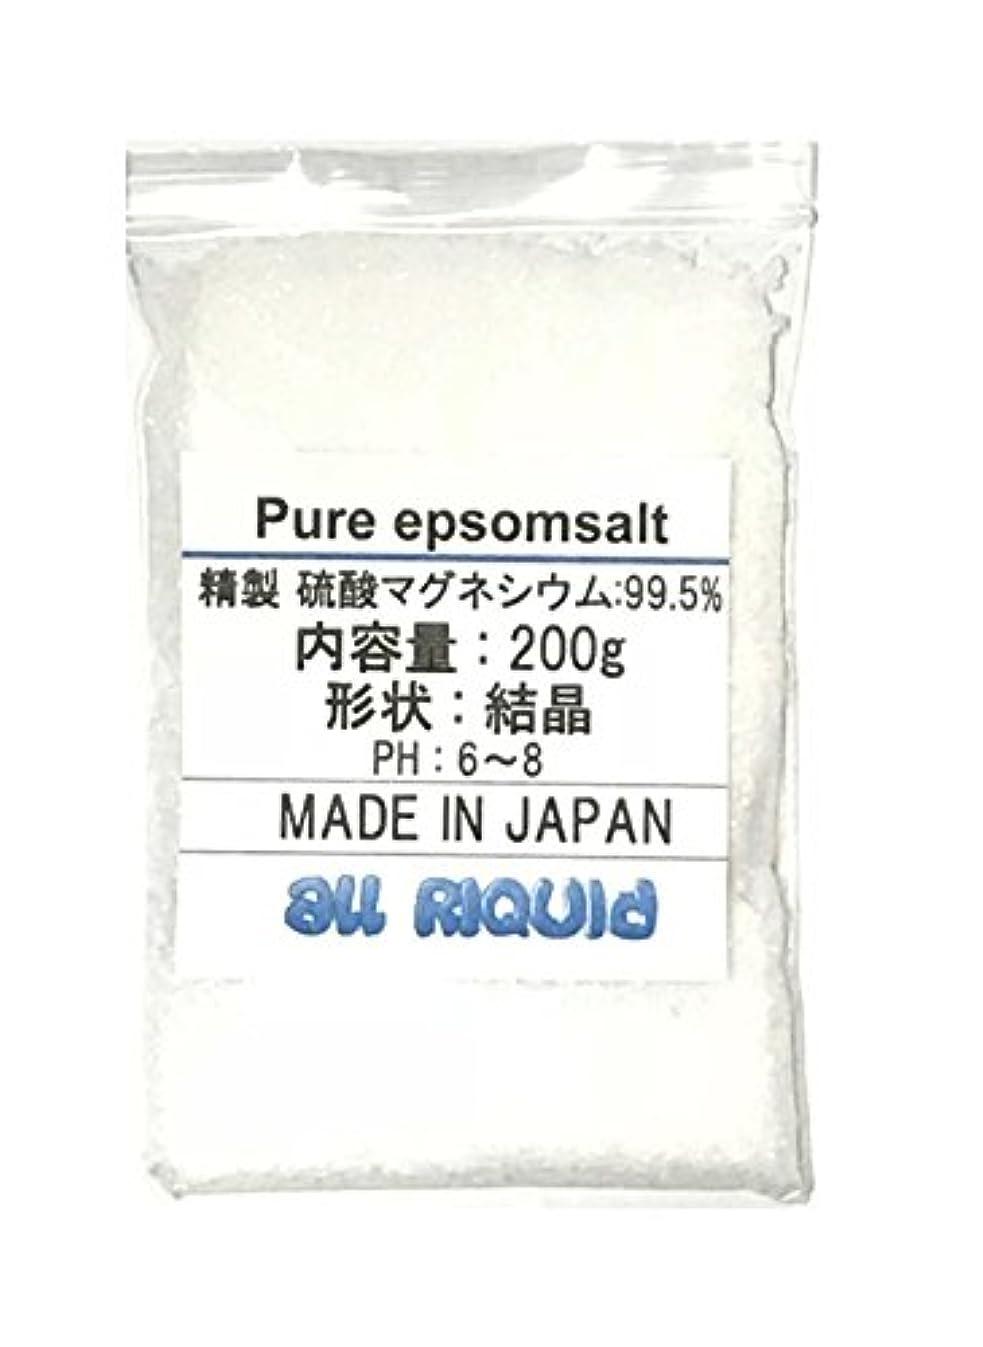 雑種喉が渇いたうぬぼれ純 エプソム 無香料 200g (硫酸マグネシウム) 1回分 99.5% 国産品 オールリキッド